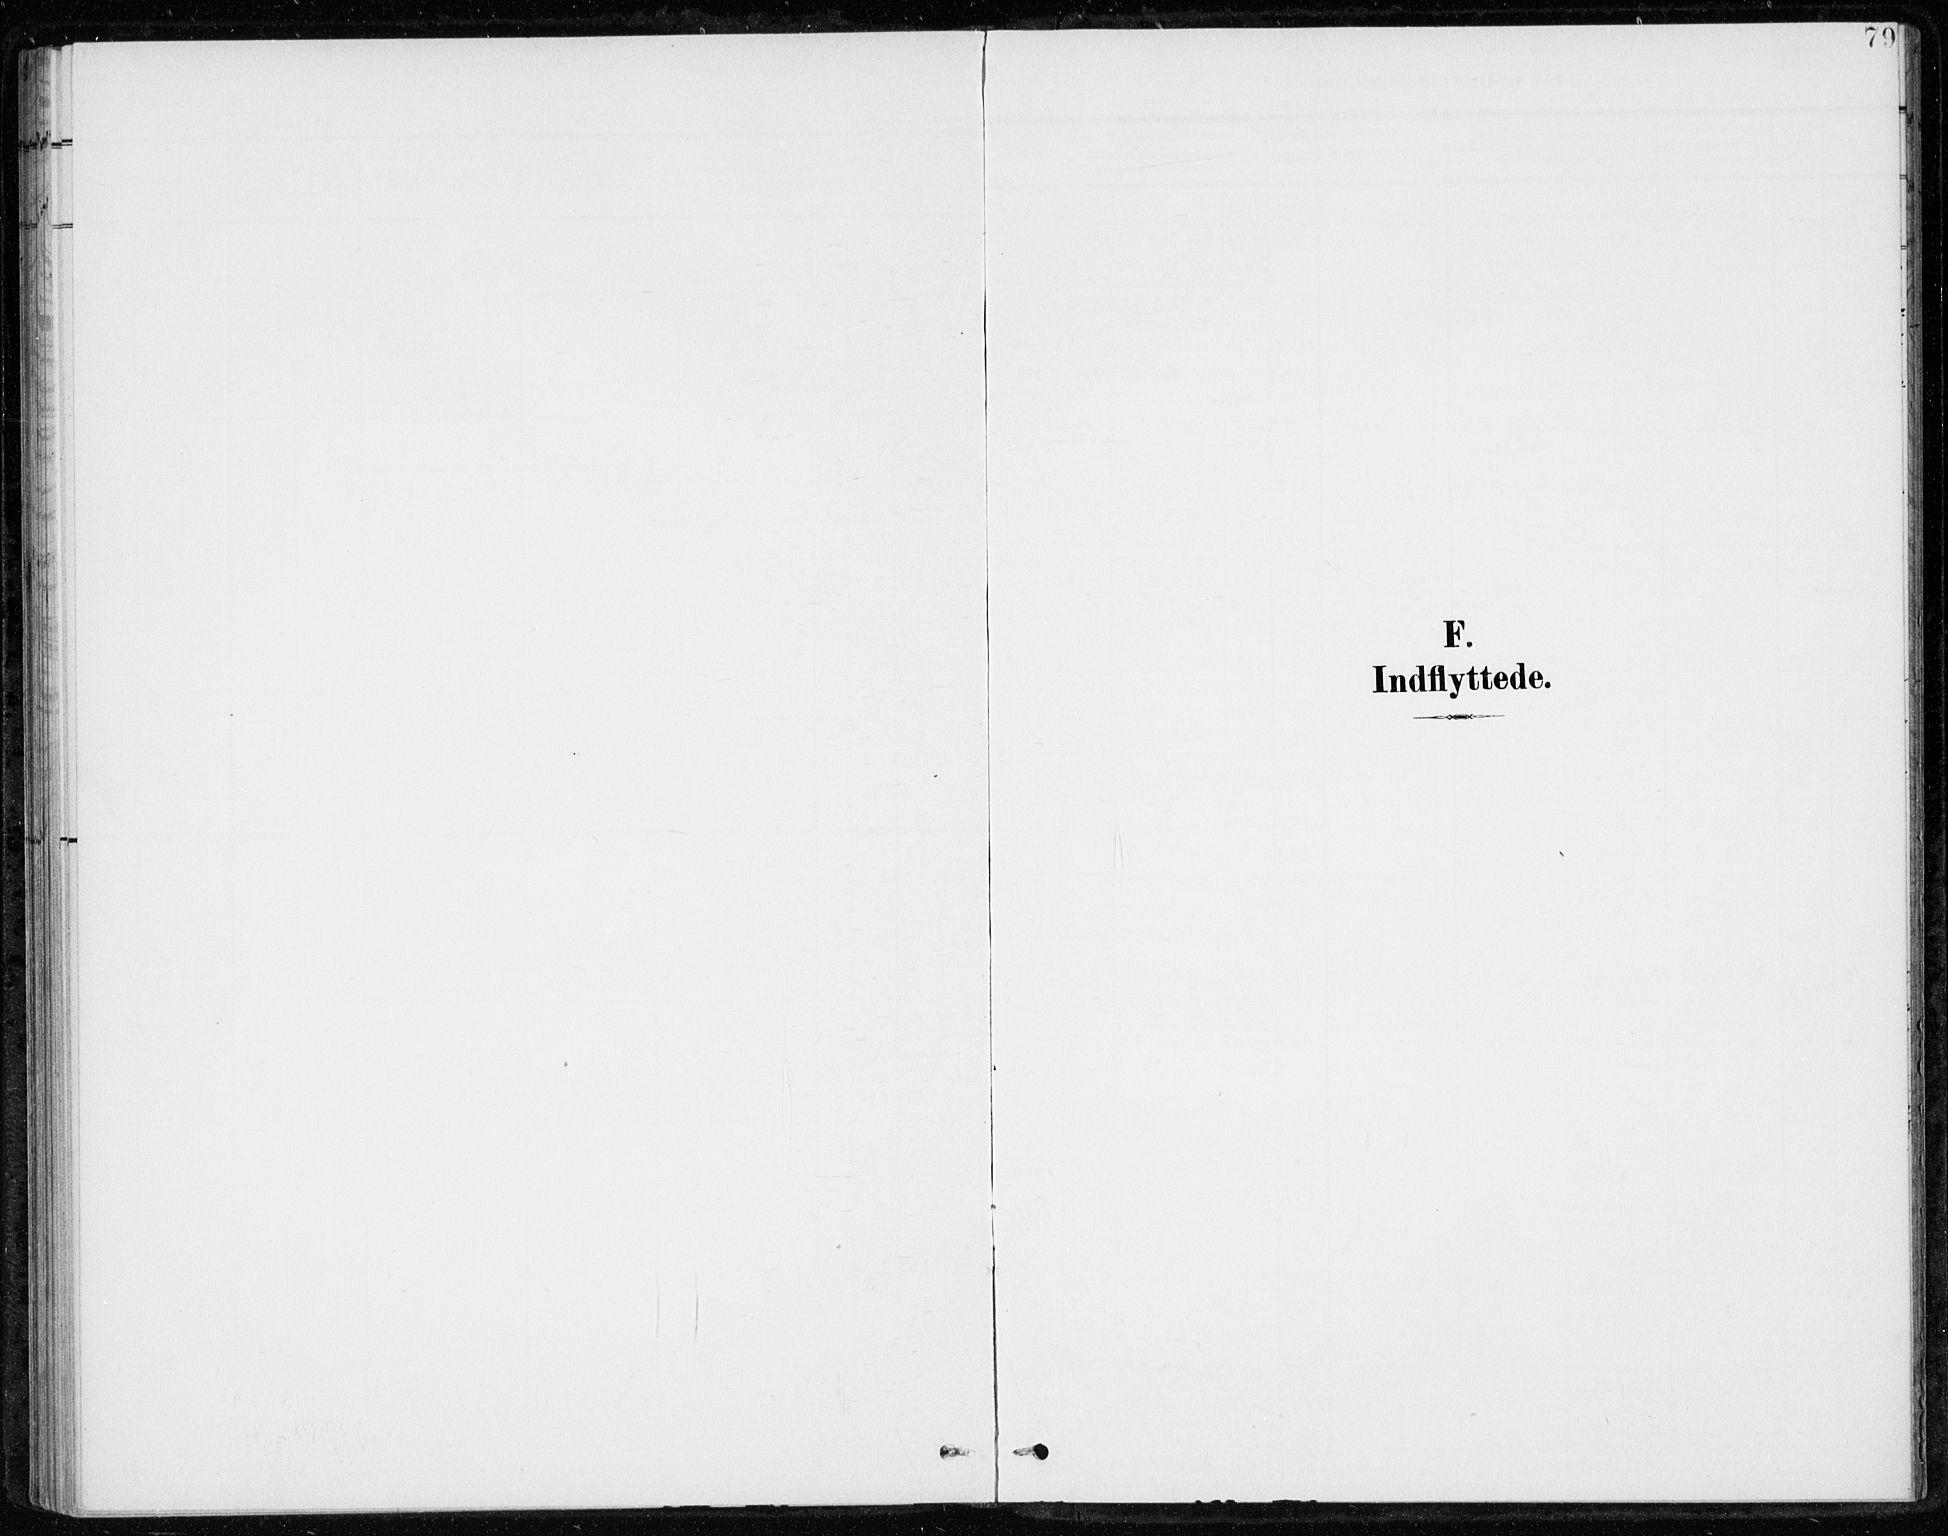 SAKO, Botne kirkebøker, F/Fb/L0002: Ministerialbok nr. II 2, 1902-1915, s. 79